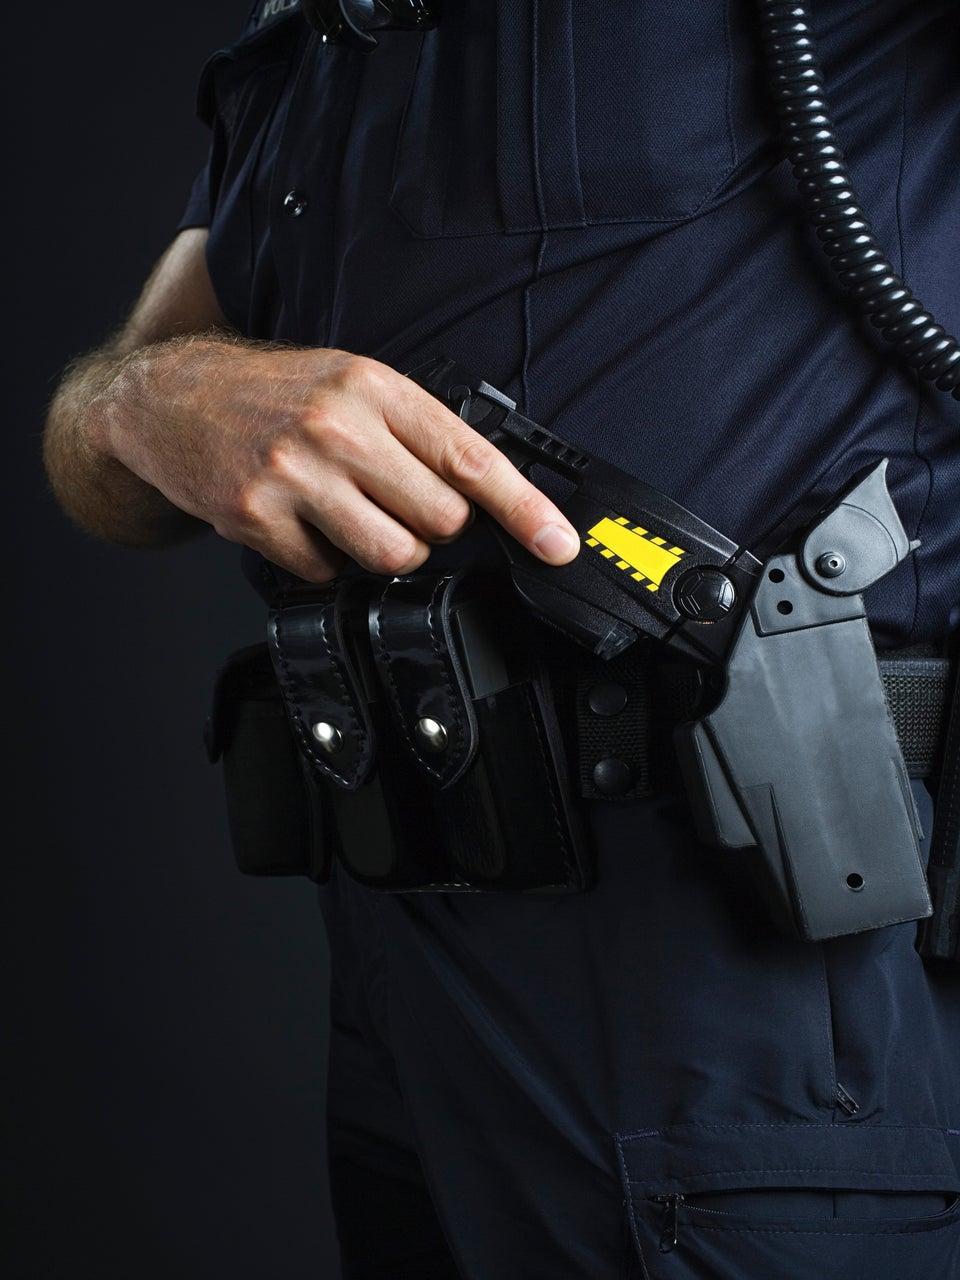 Utah Police Draws Gun On 10-Year-Old Boy Playing In Family's Yard